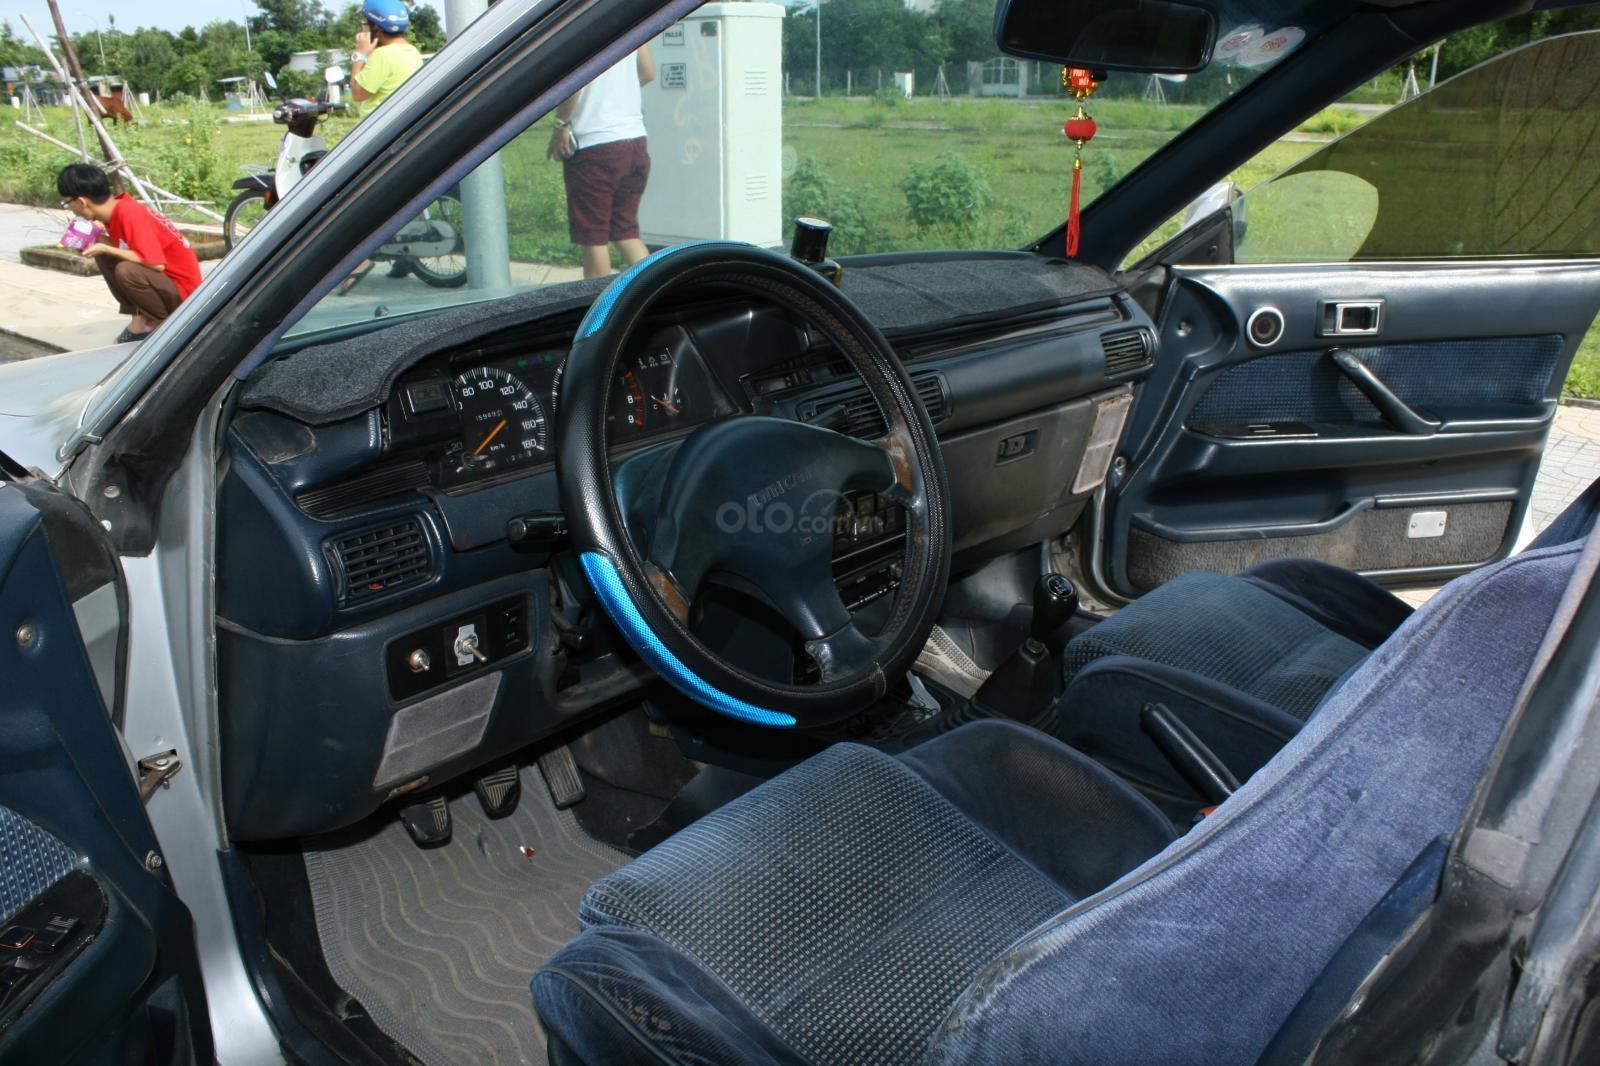 Bán ô tô Toyota Camry đời 1987, màu bạc, nhập khẩu nguyên chiếc chính chủ, giá 90tr (3)